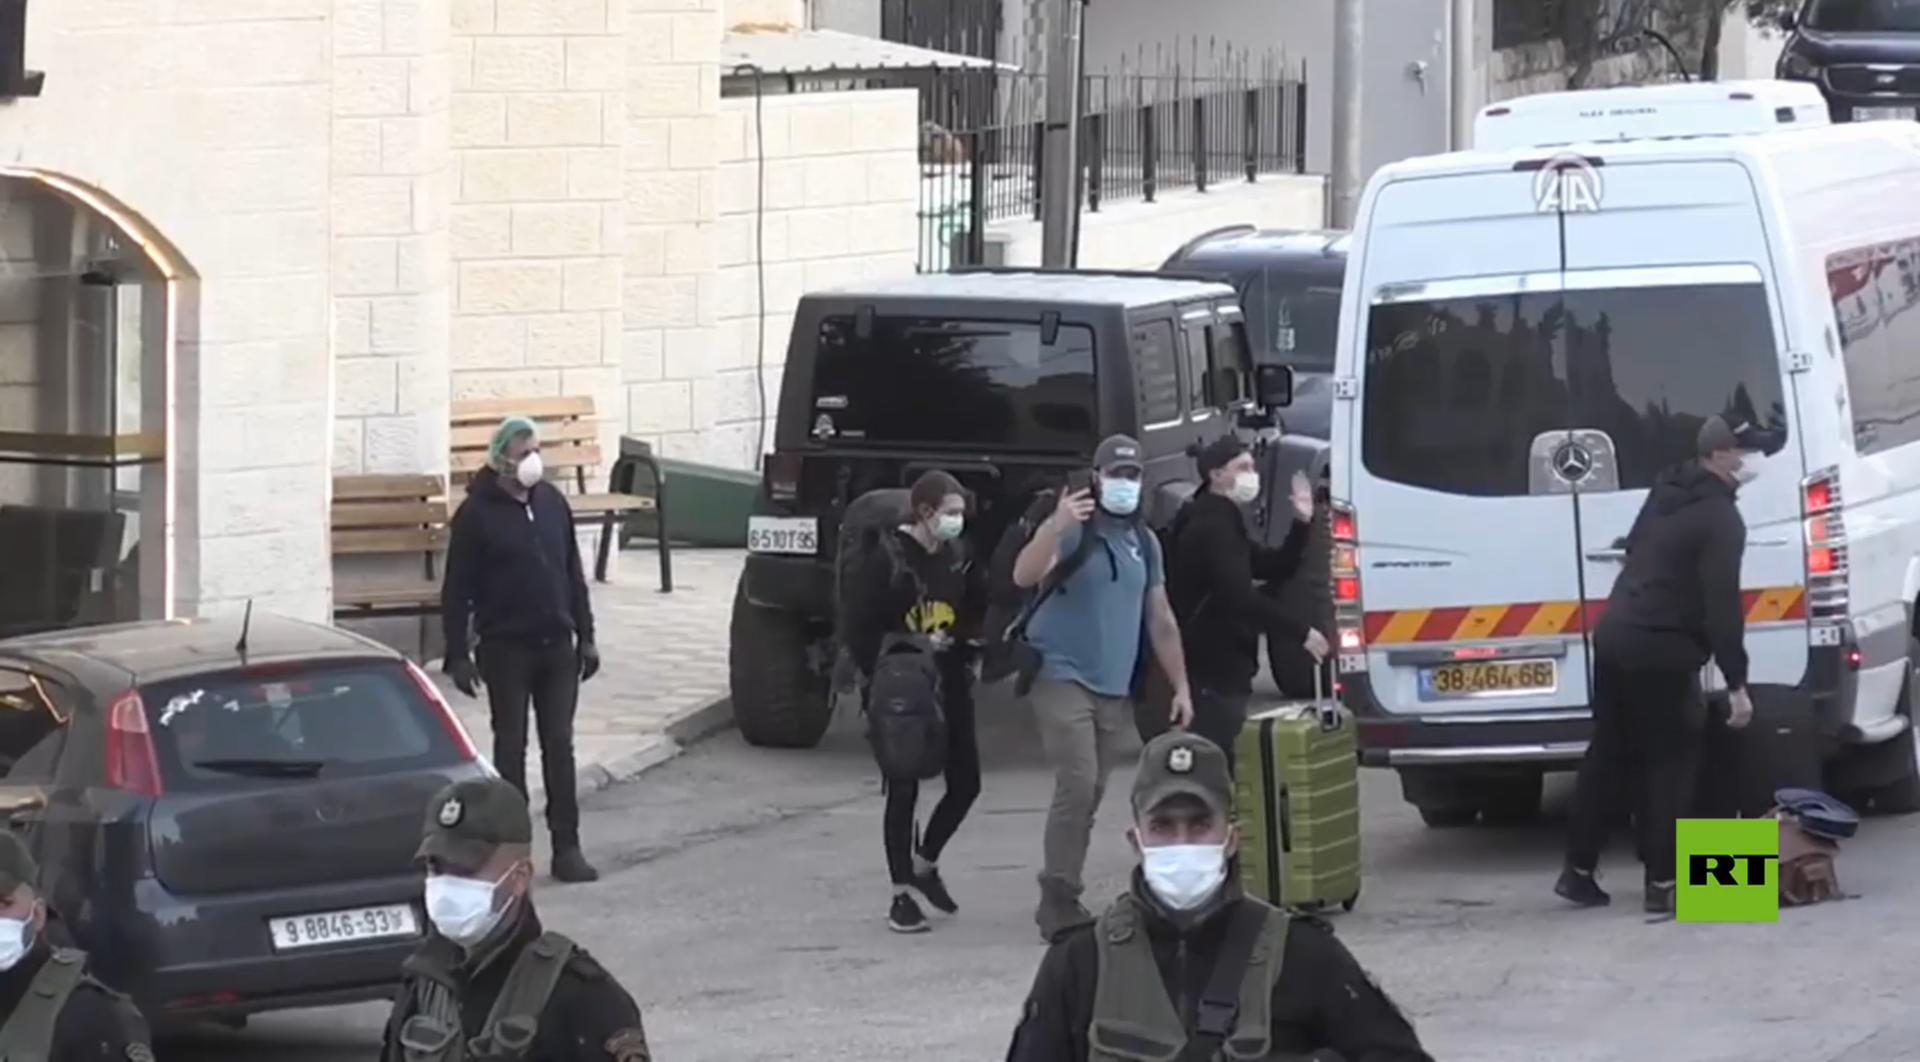 كورونا.. الوفد الأمريكي يغادر بيت لحم متوجها إلى الولايات المتحدة عبر إسرائيل